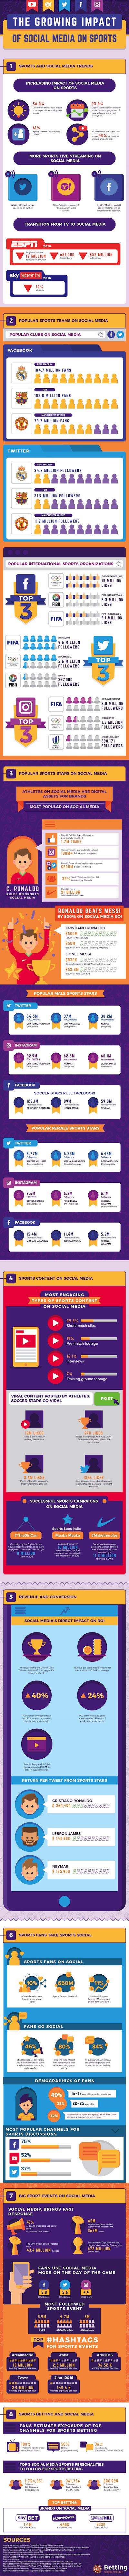 social media in sport